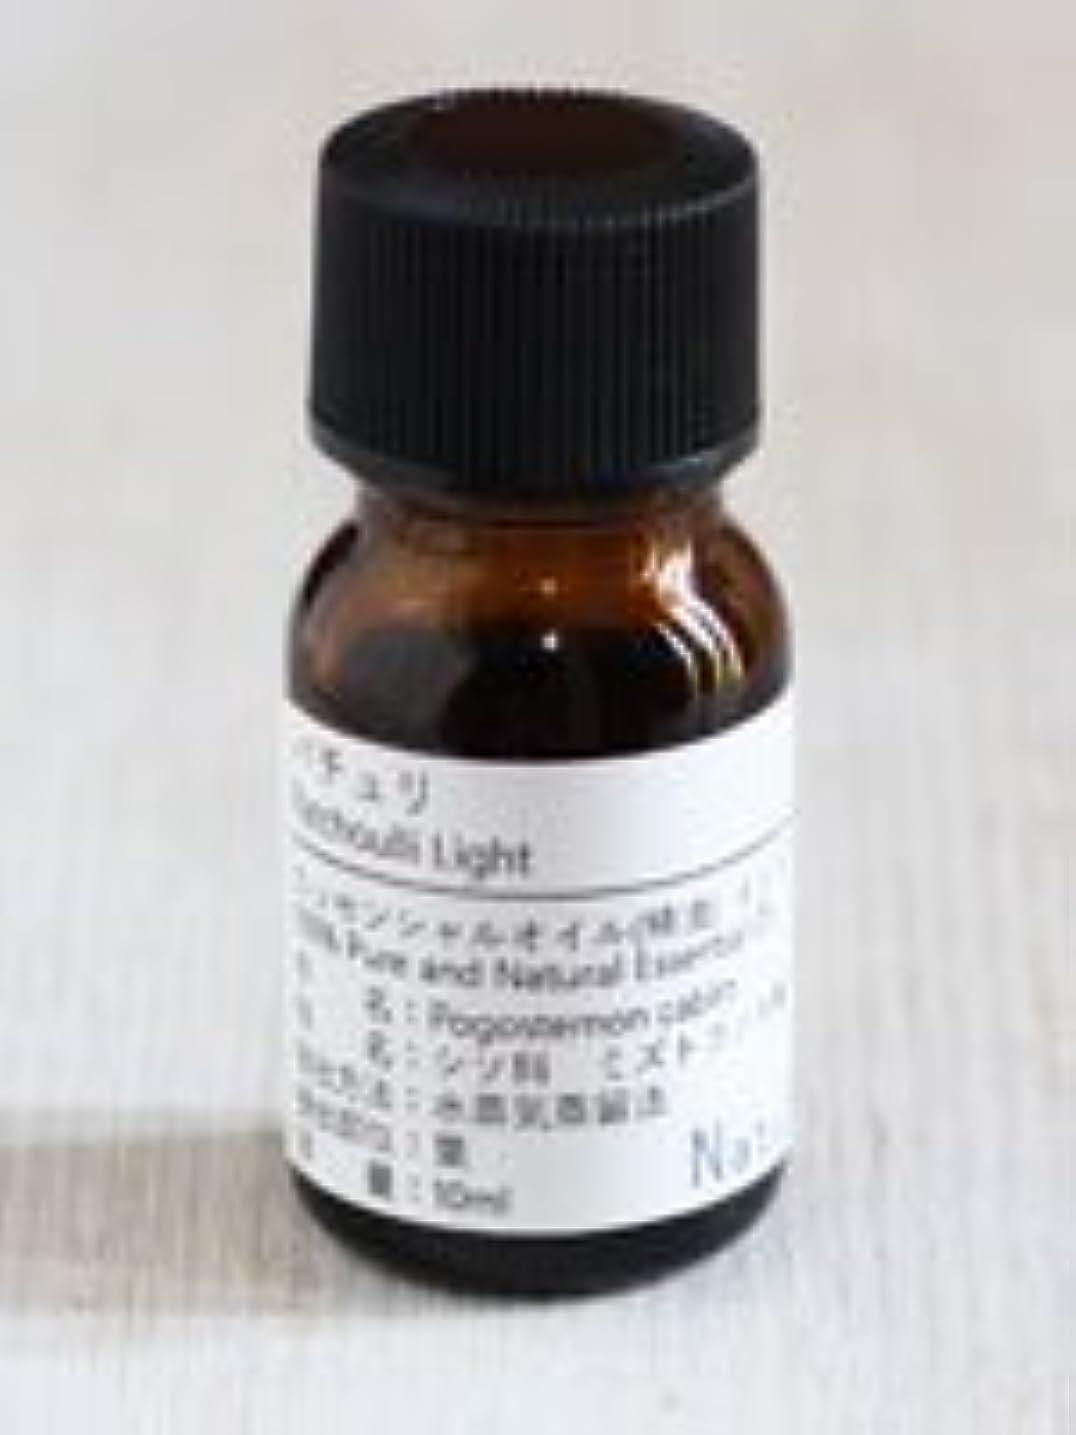 フィドル封建スペクトラムNatural蒼 カユプテ/エッセンシャルオイル 精油天然100% (30ml)